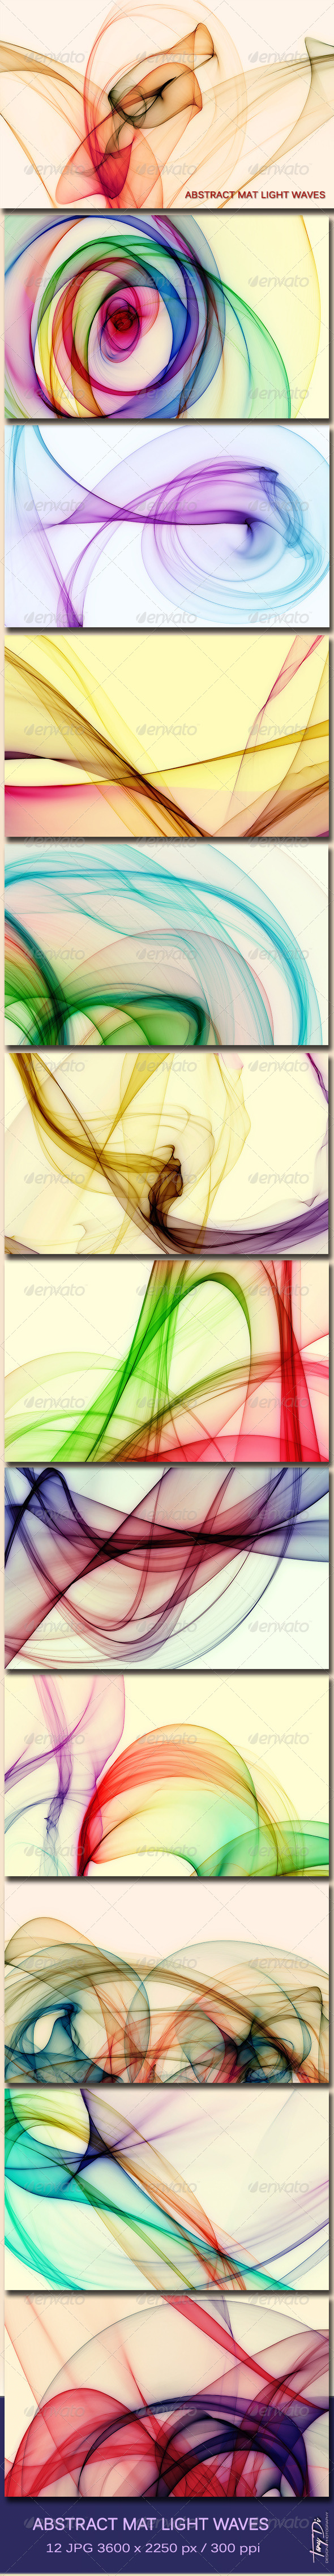 Abstract Mat Light Waves